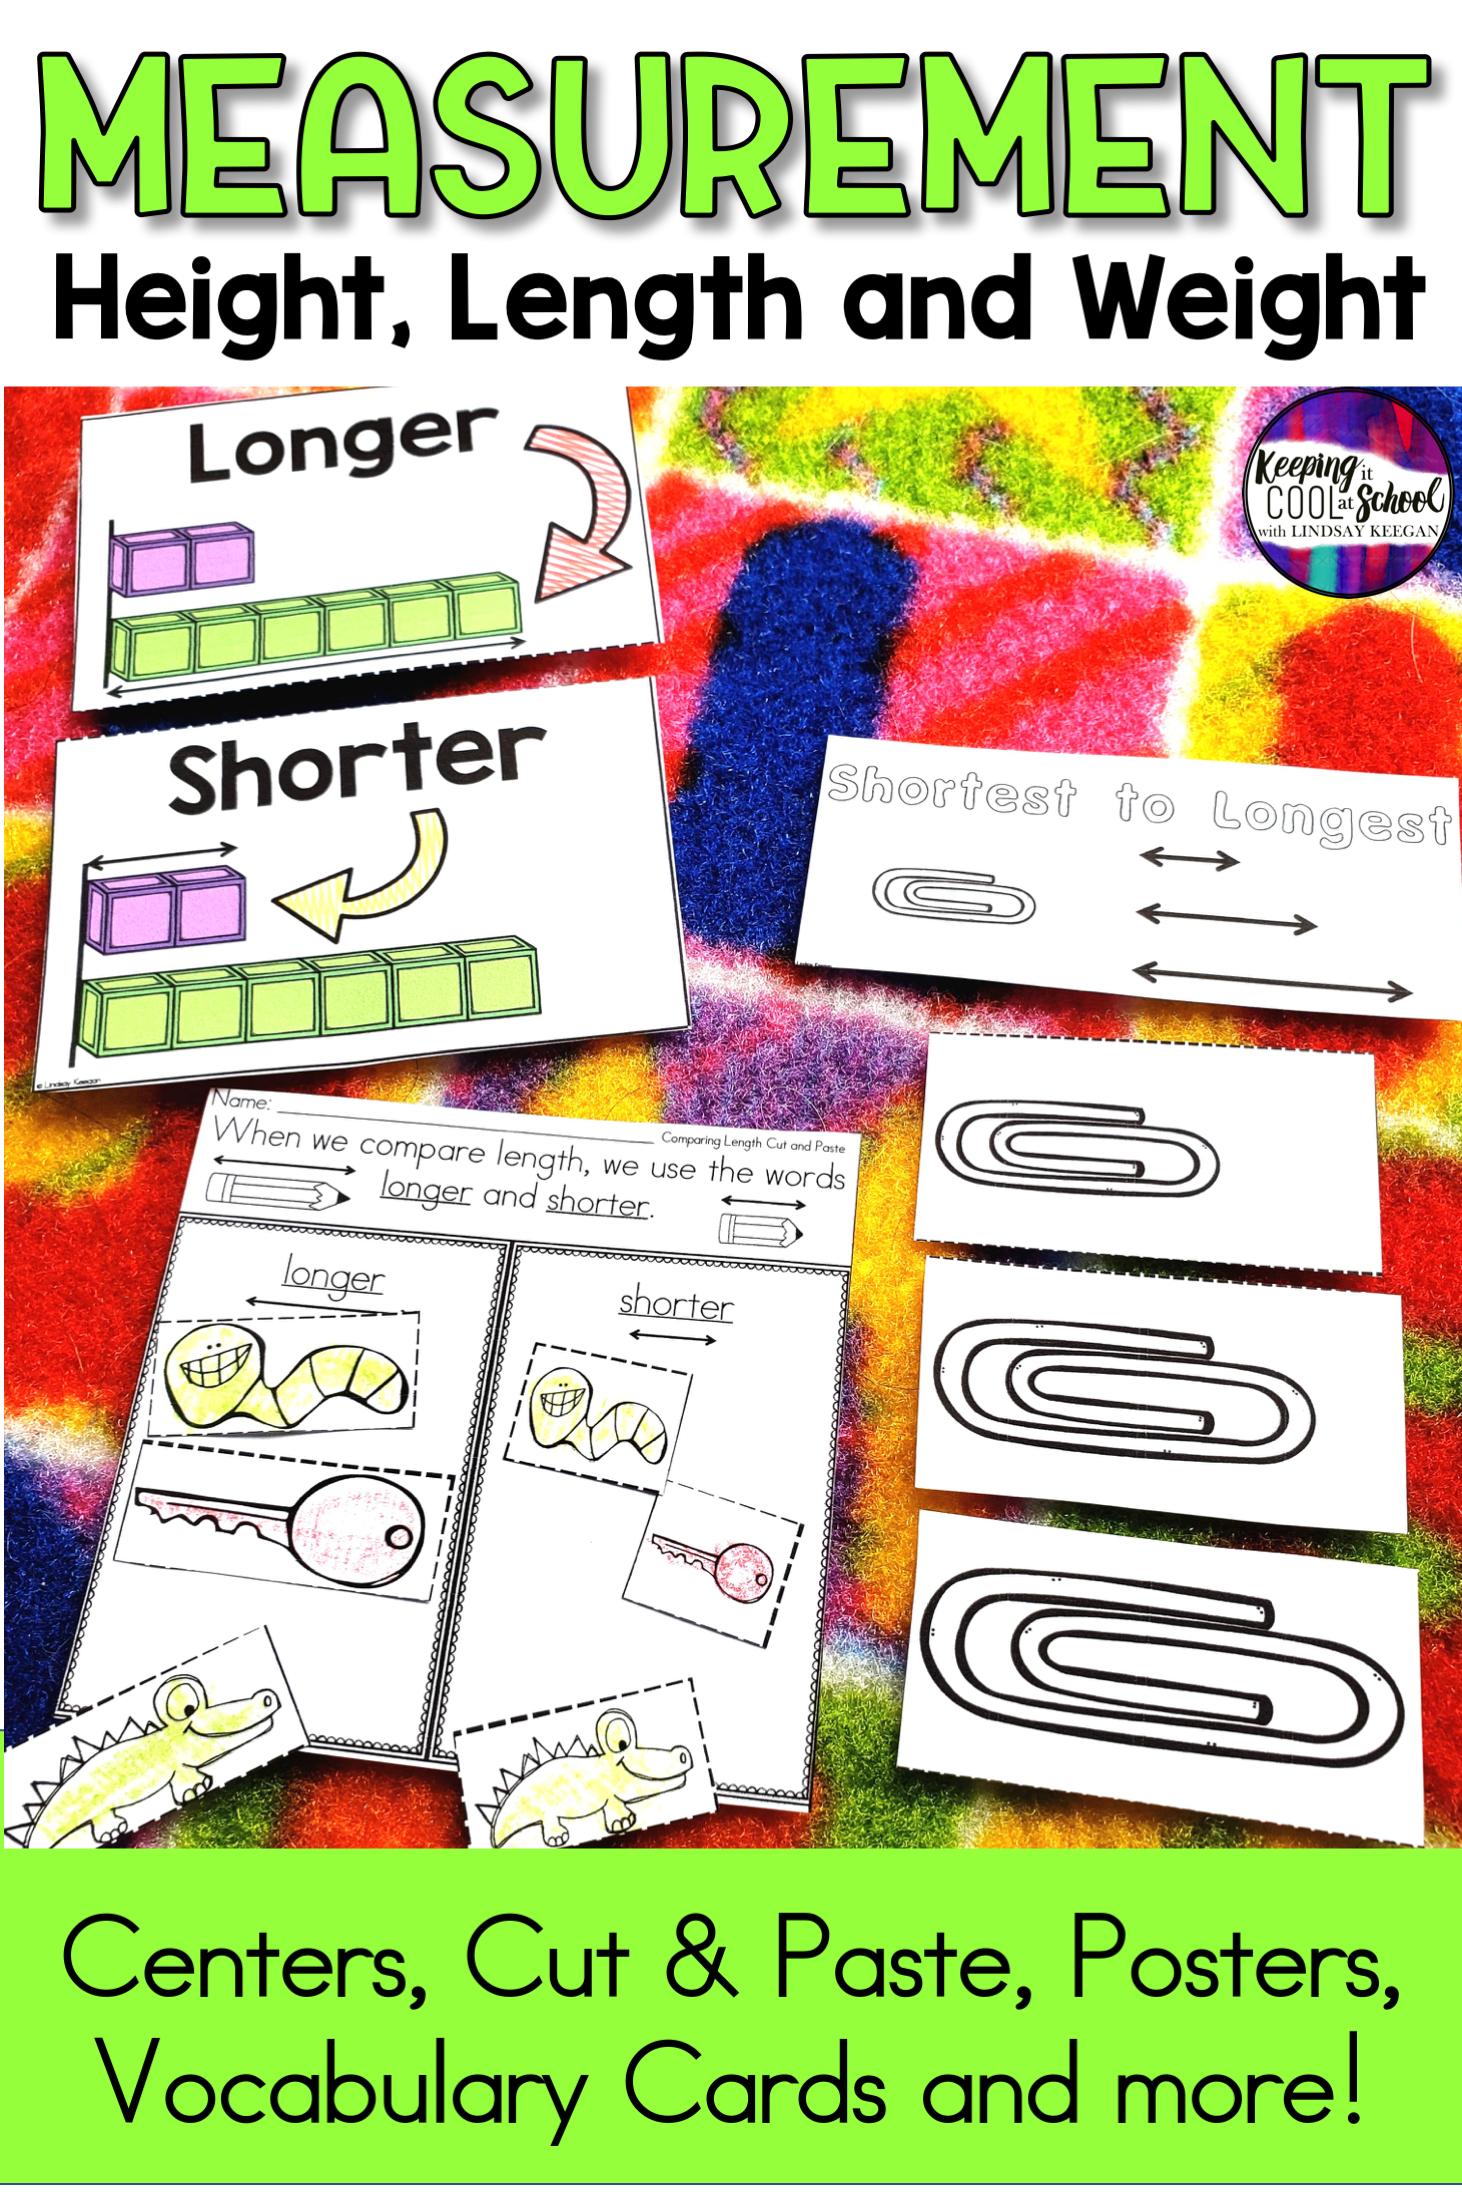 Nonstandard Measurement Activities And Worksheets For Kindergarten Measurement Activities Fun Measurement Activities Kindergarten Lessons [ 2193 x 1462 Pixel ]